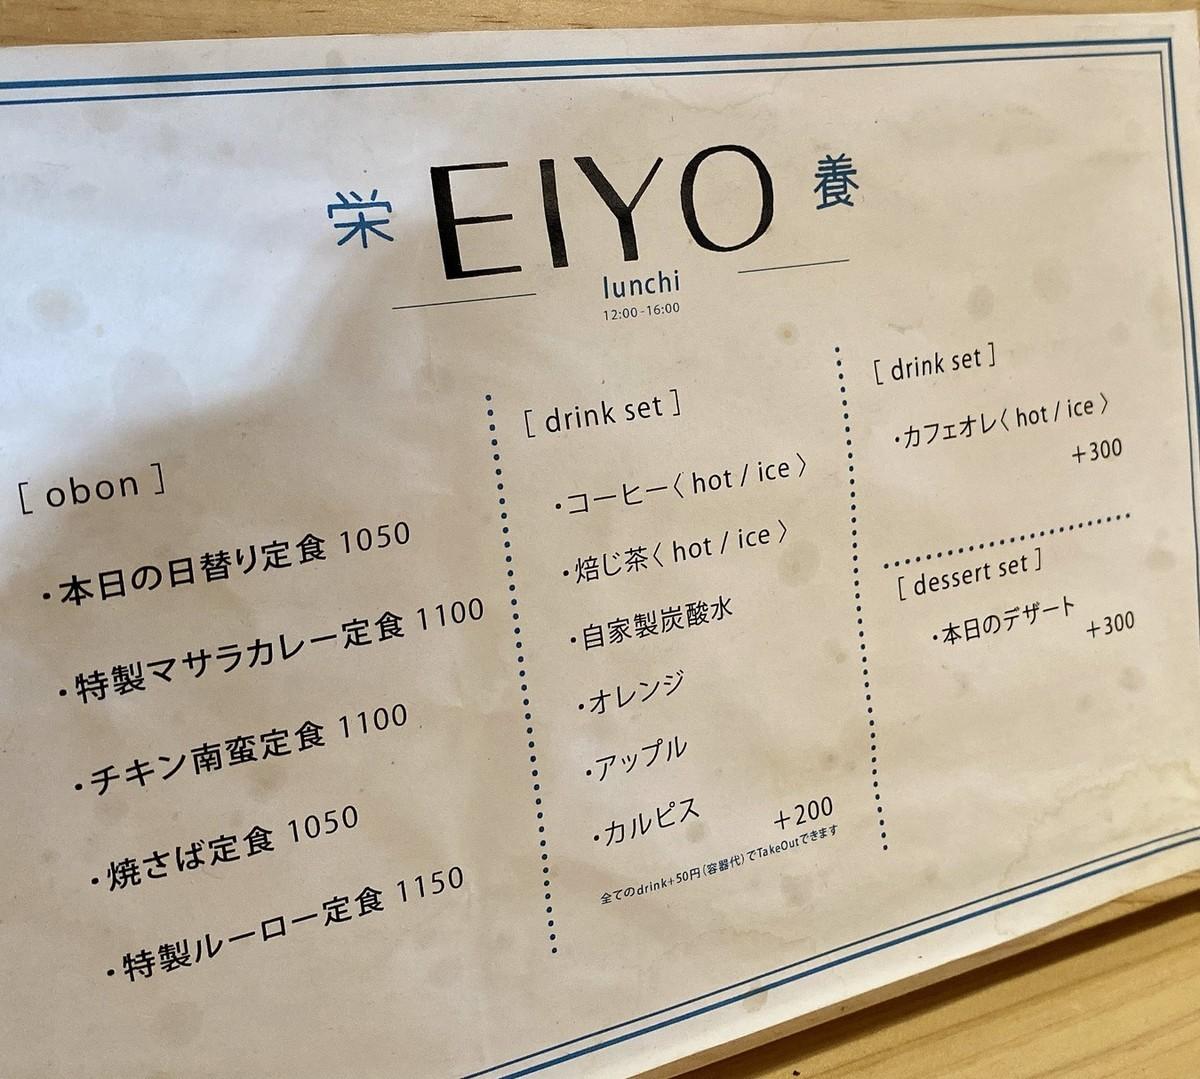 栄養 EIYO 定食メニュー 一覧